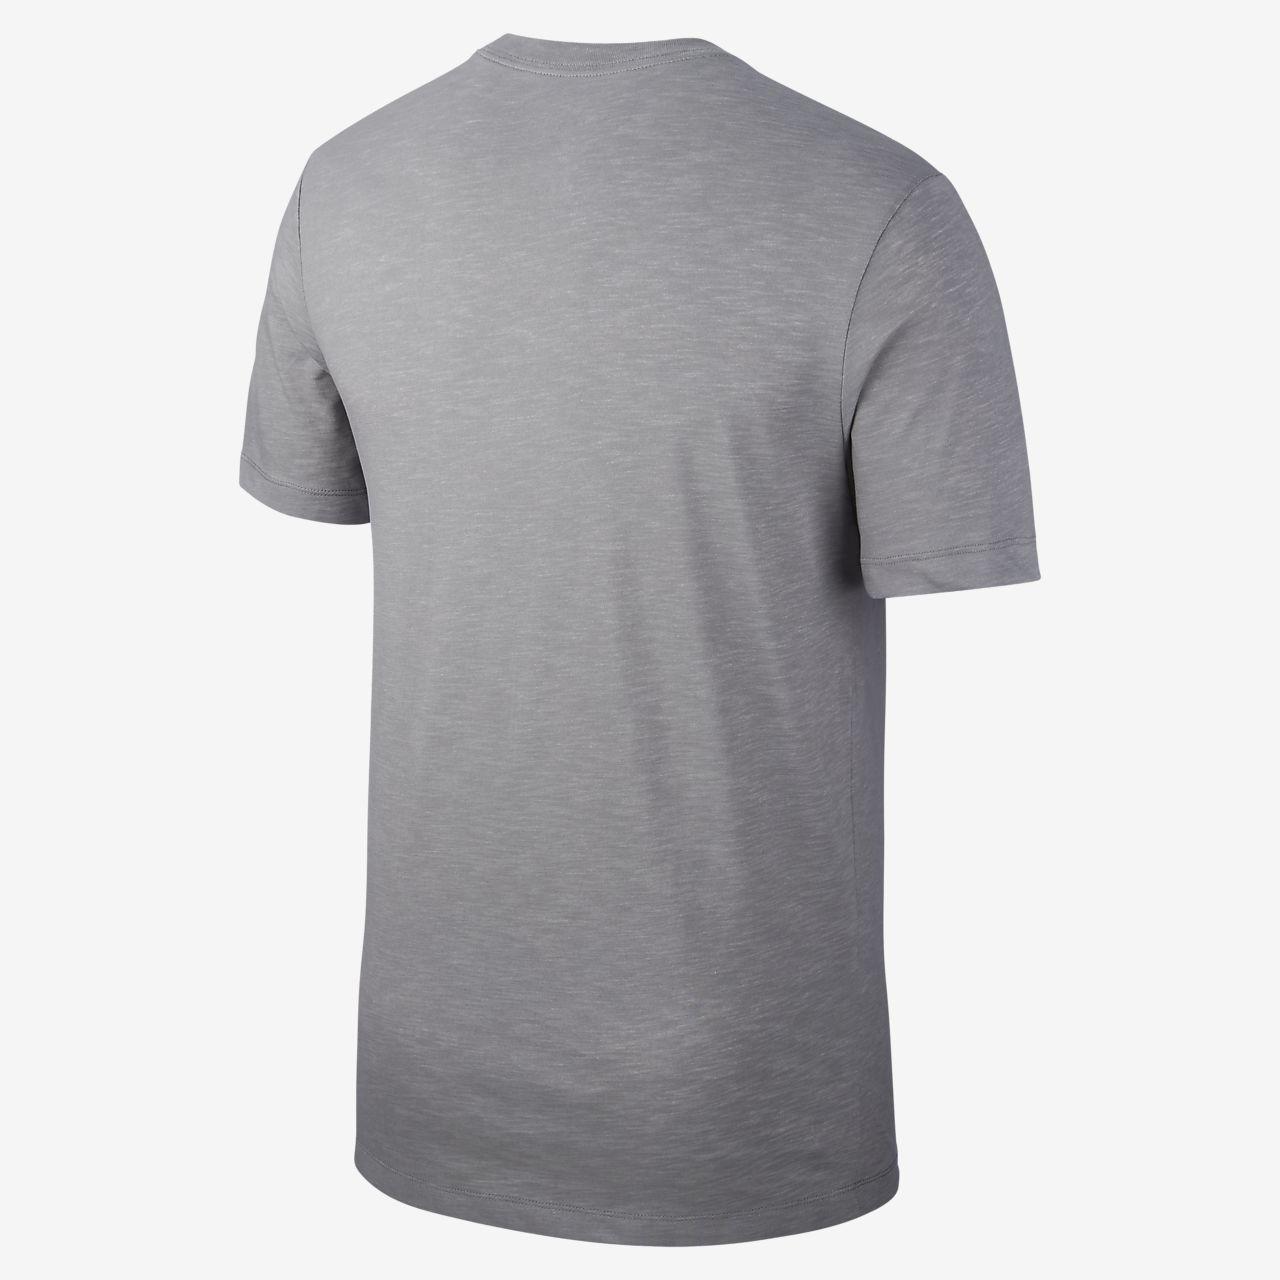 35e54742 Nike Dri-FIT FC Barcelona fotball-T-skjorte til herre. Nike.com NO